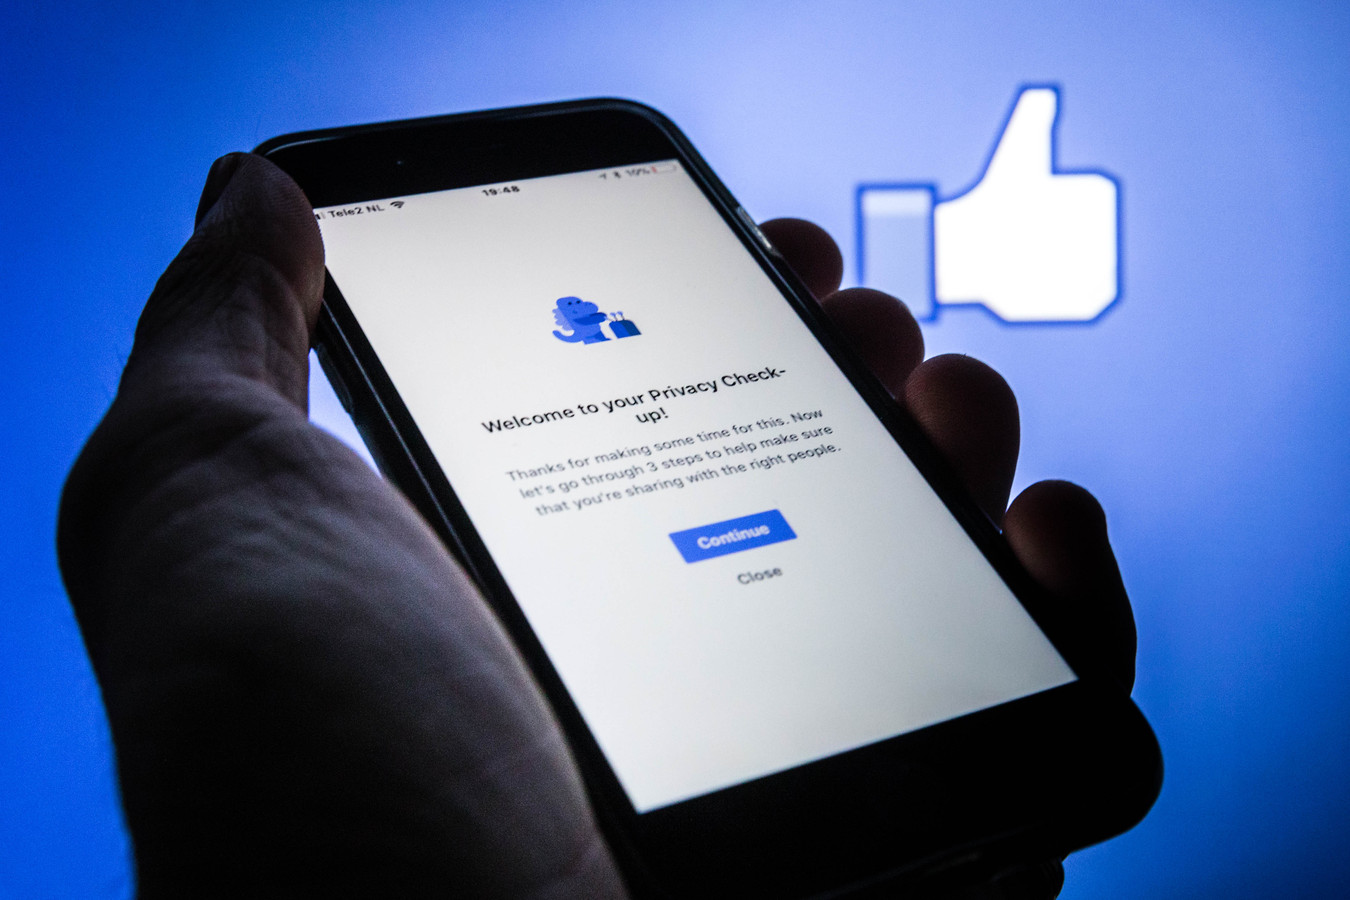 vanaf 25 mei gaat de Algemene Verordening Gegevensbescherming (AVG) van kracht. Het gaat om een nieuwe Europese wet die ervoor zorgt dat persoonlijke gegevens zoals onze naam, e-mailadres, woonplaats, telefoonnummer tot wat we delen en liken op sociale media of ons online winkelkarretje, beter beschermd worden.